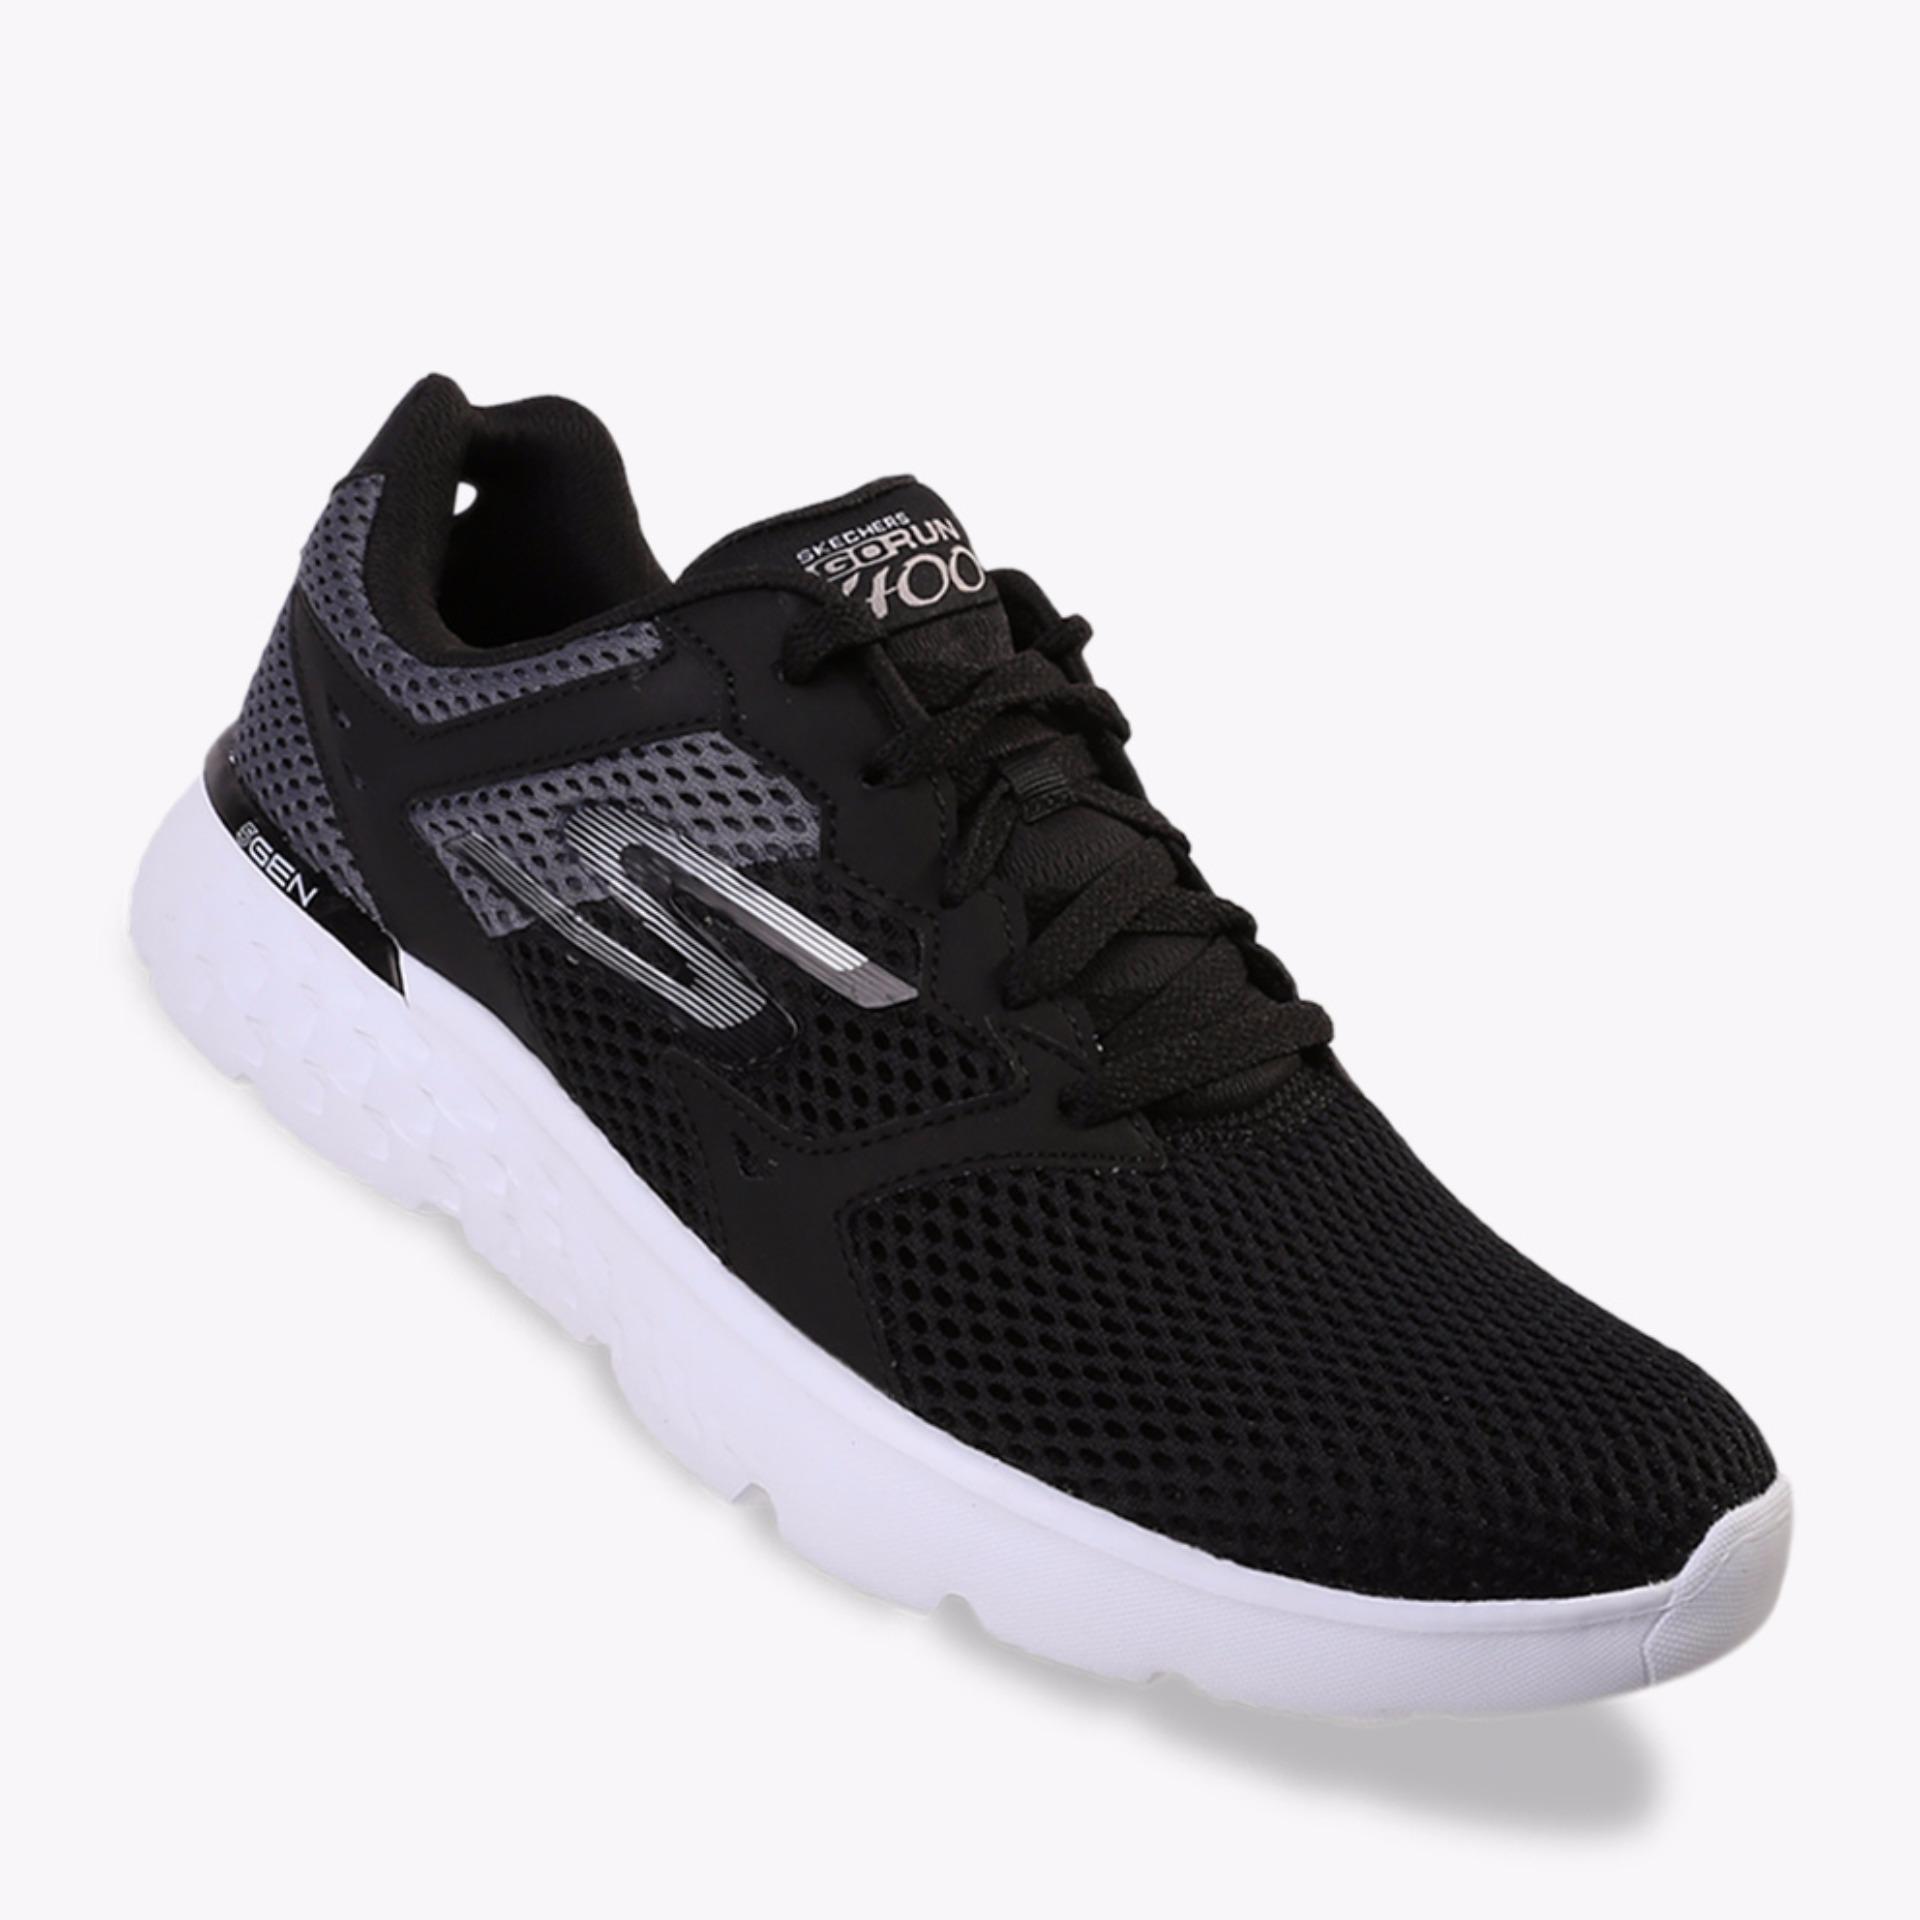 Spesifikasi Skechers Gorun 400 Men S Running Shoes Hitam Yang Bagus